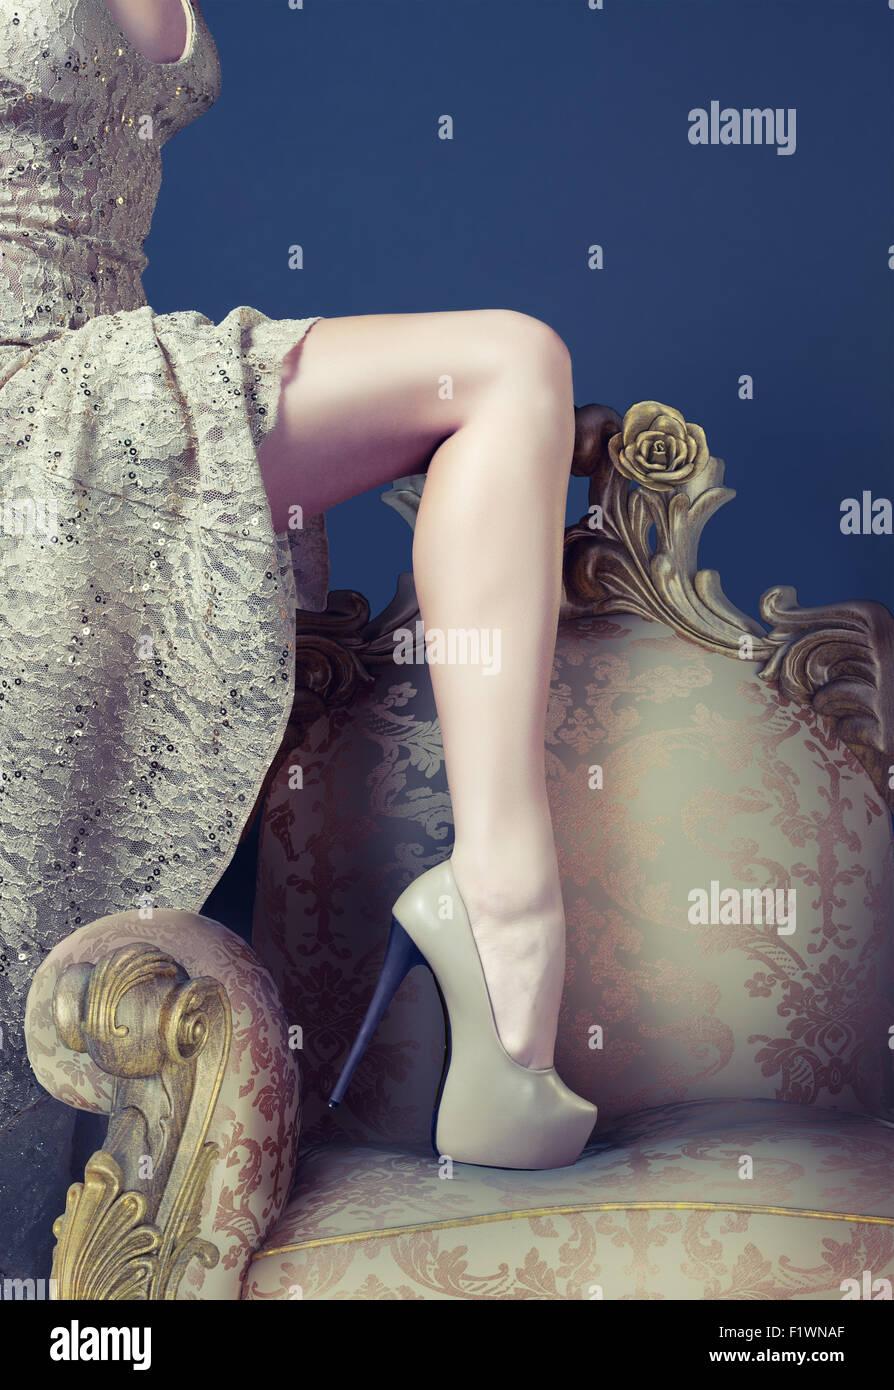 Bella slim gamba sul lusso poltrona vintage Immagini Stock